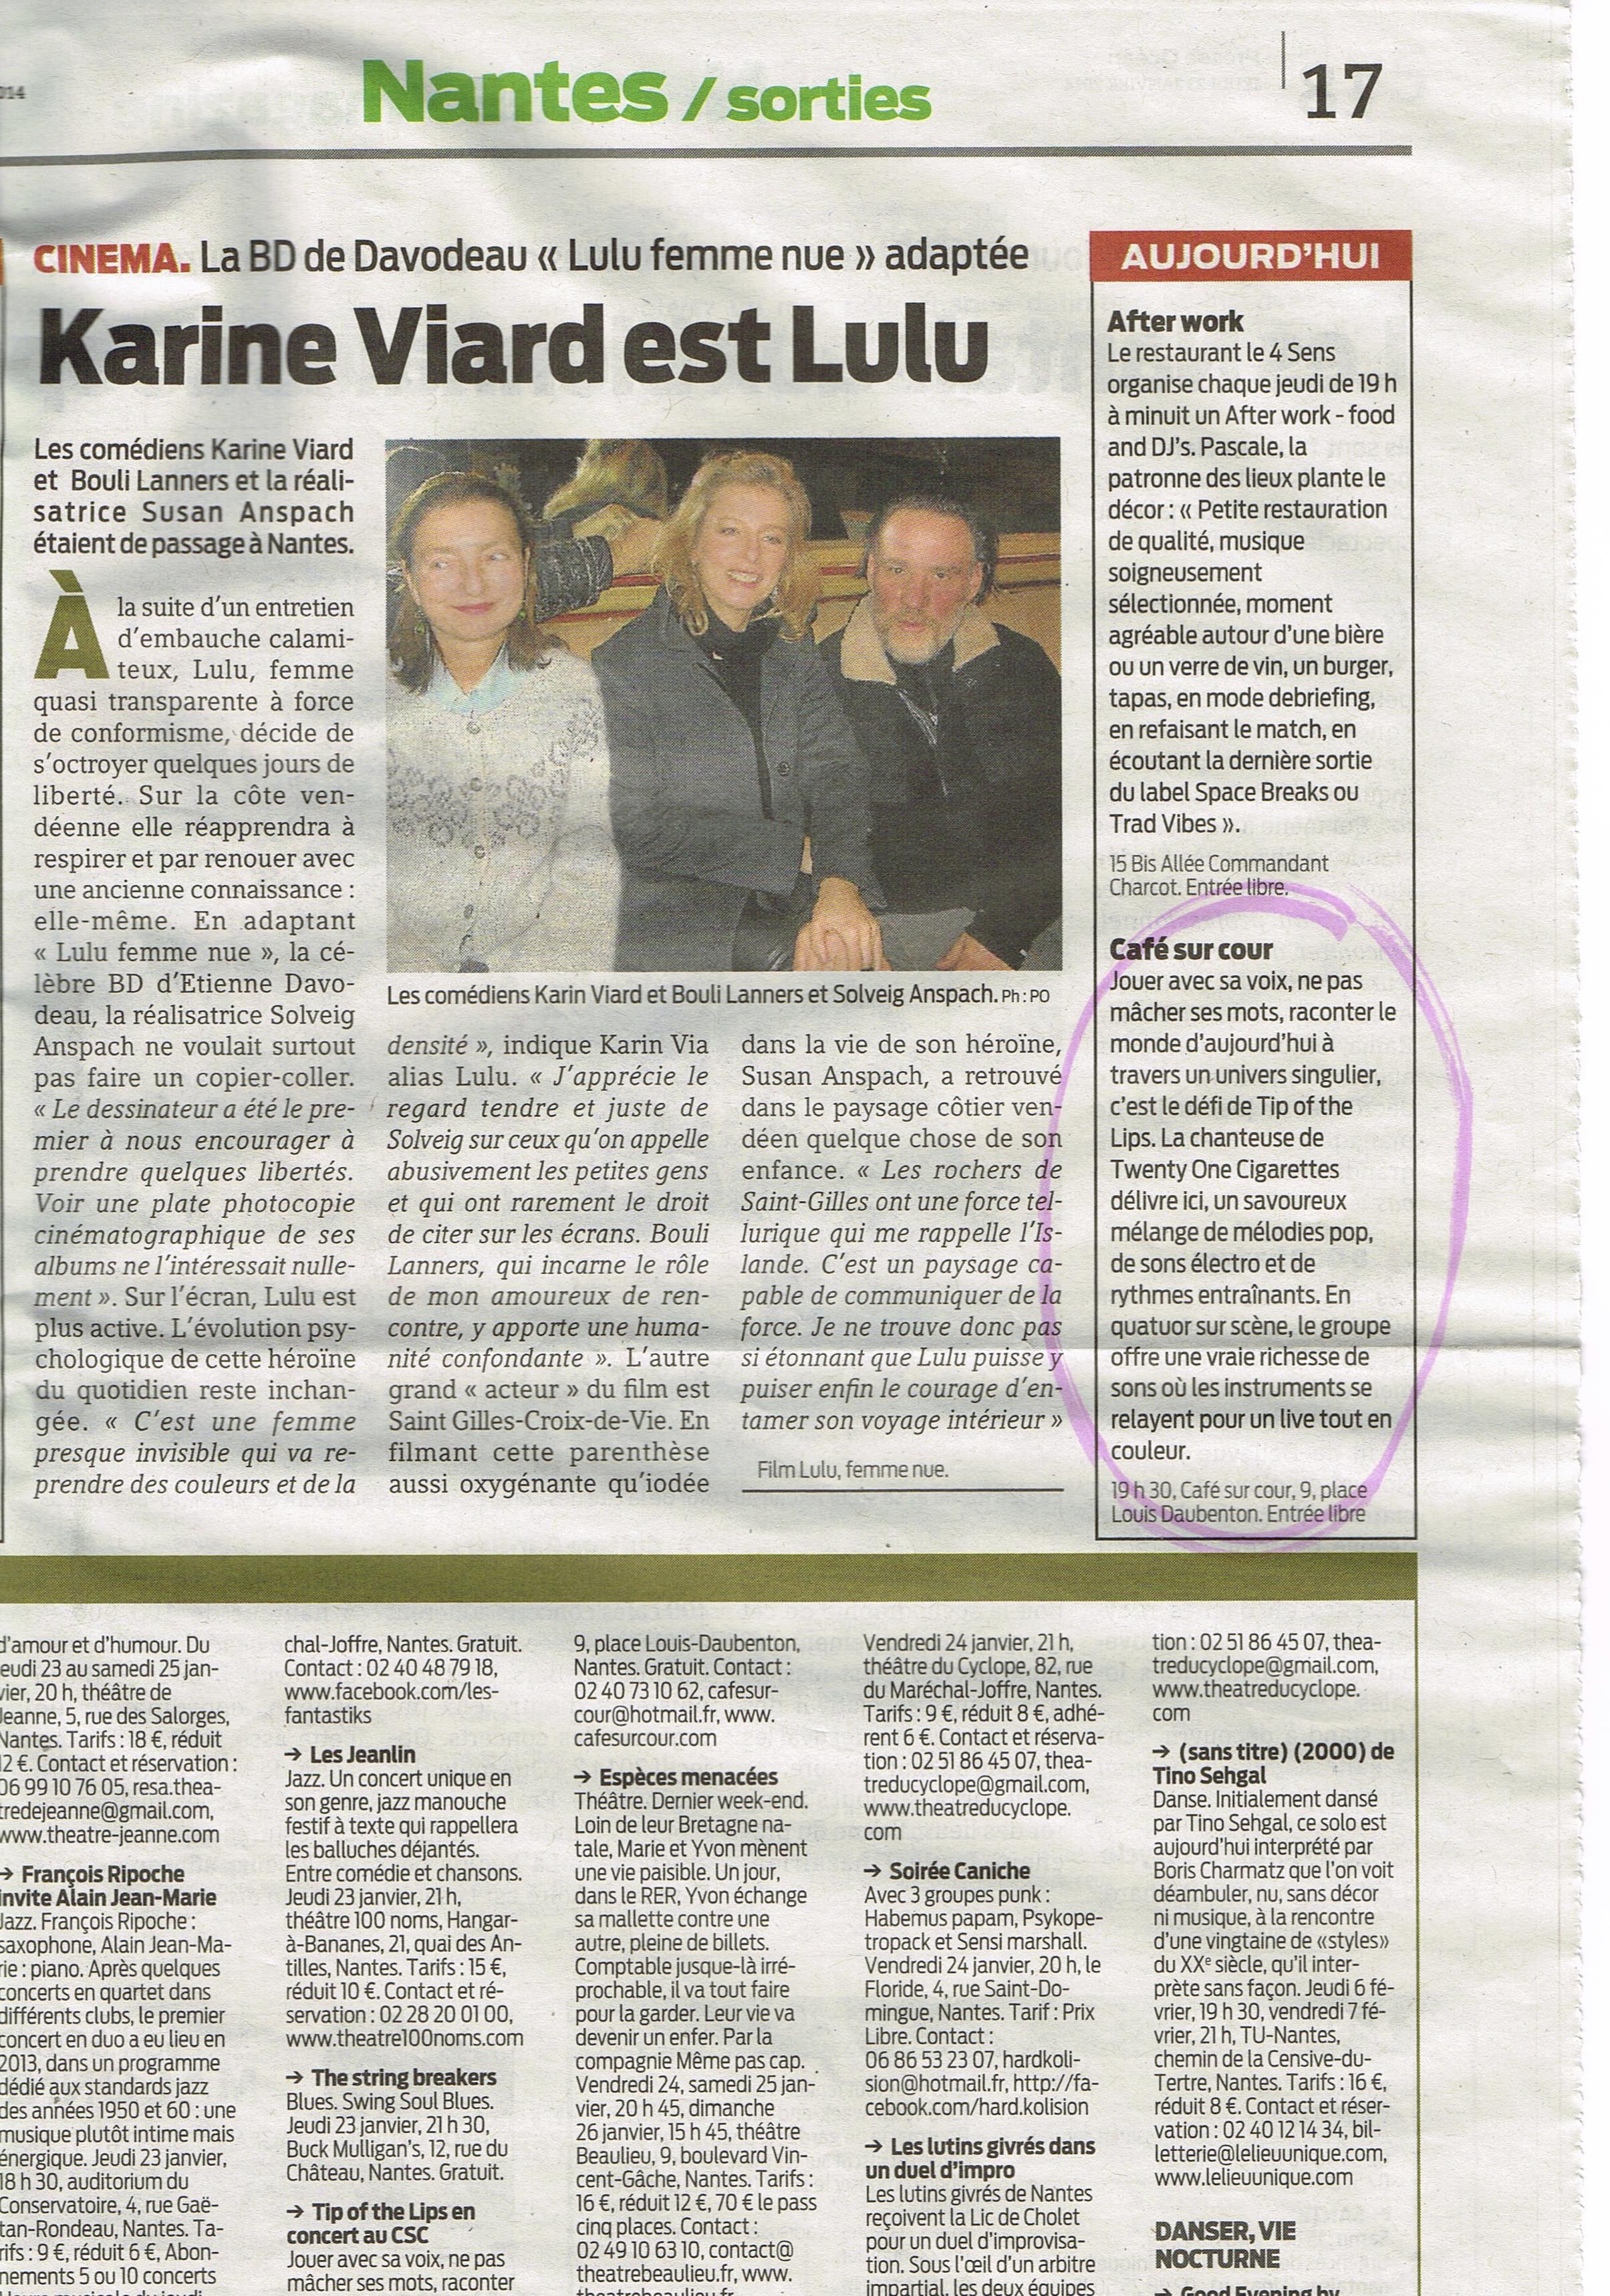 Presse Océan 23 jan 2014